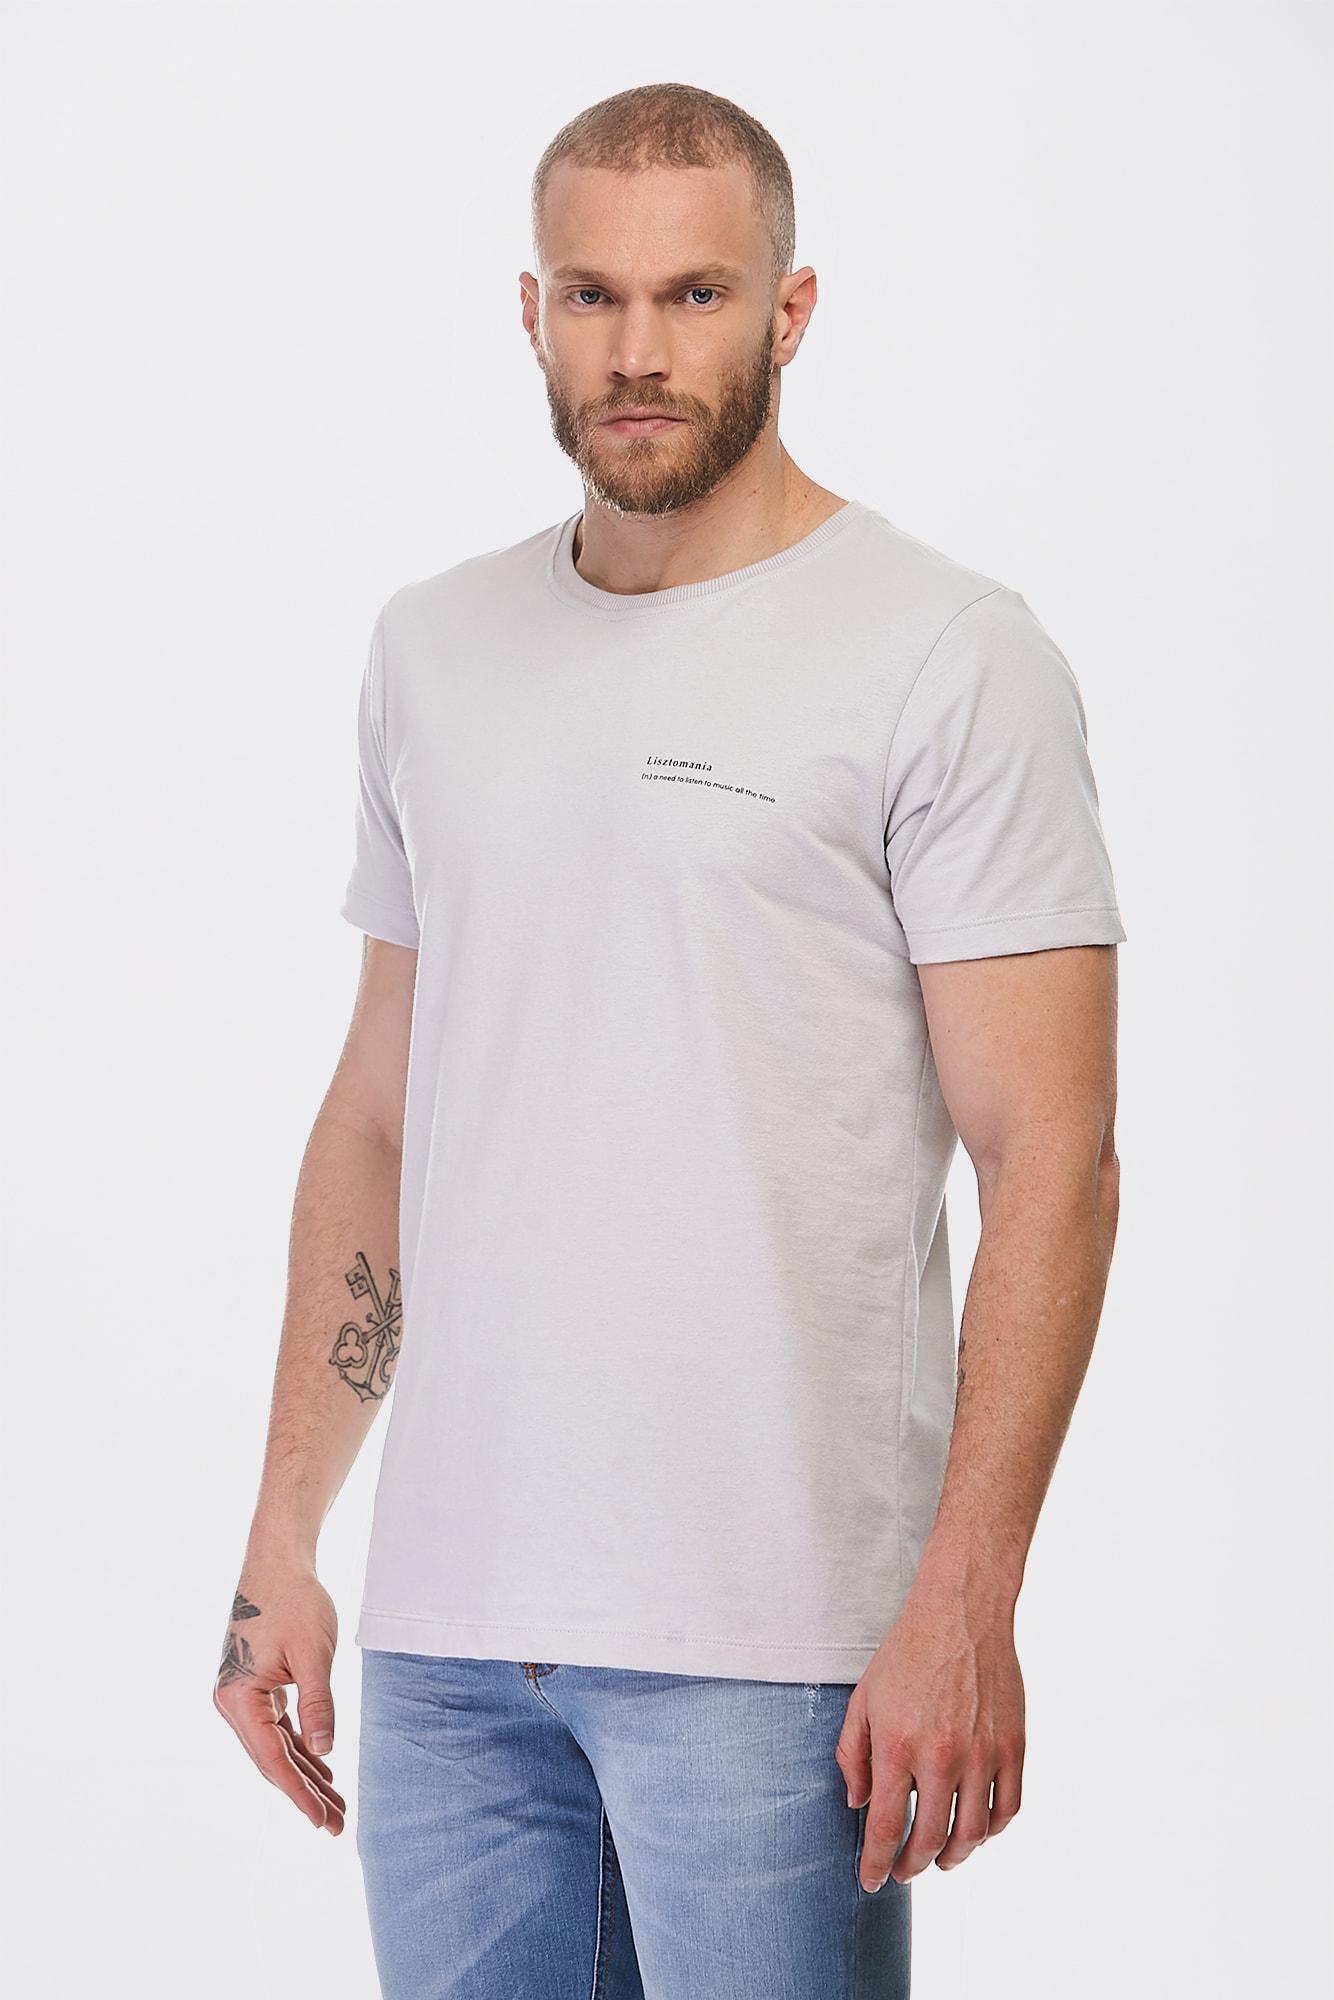 Camiseta Retrô